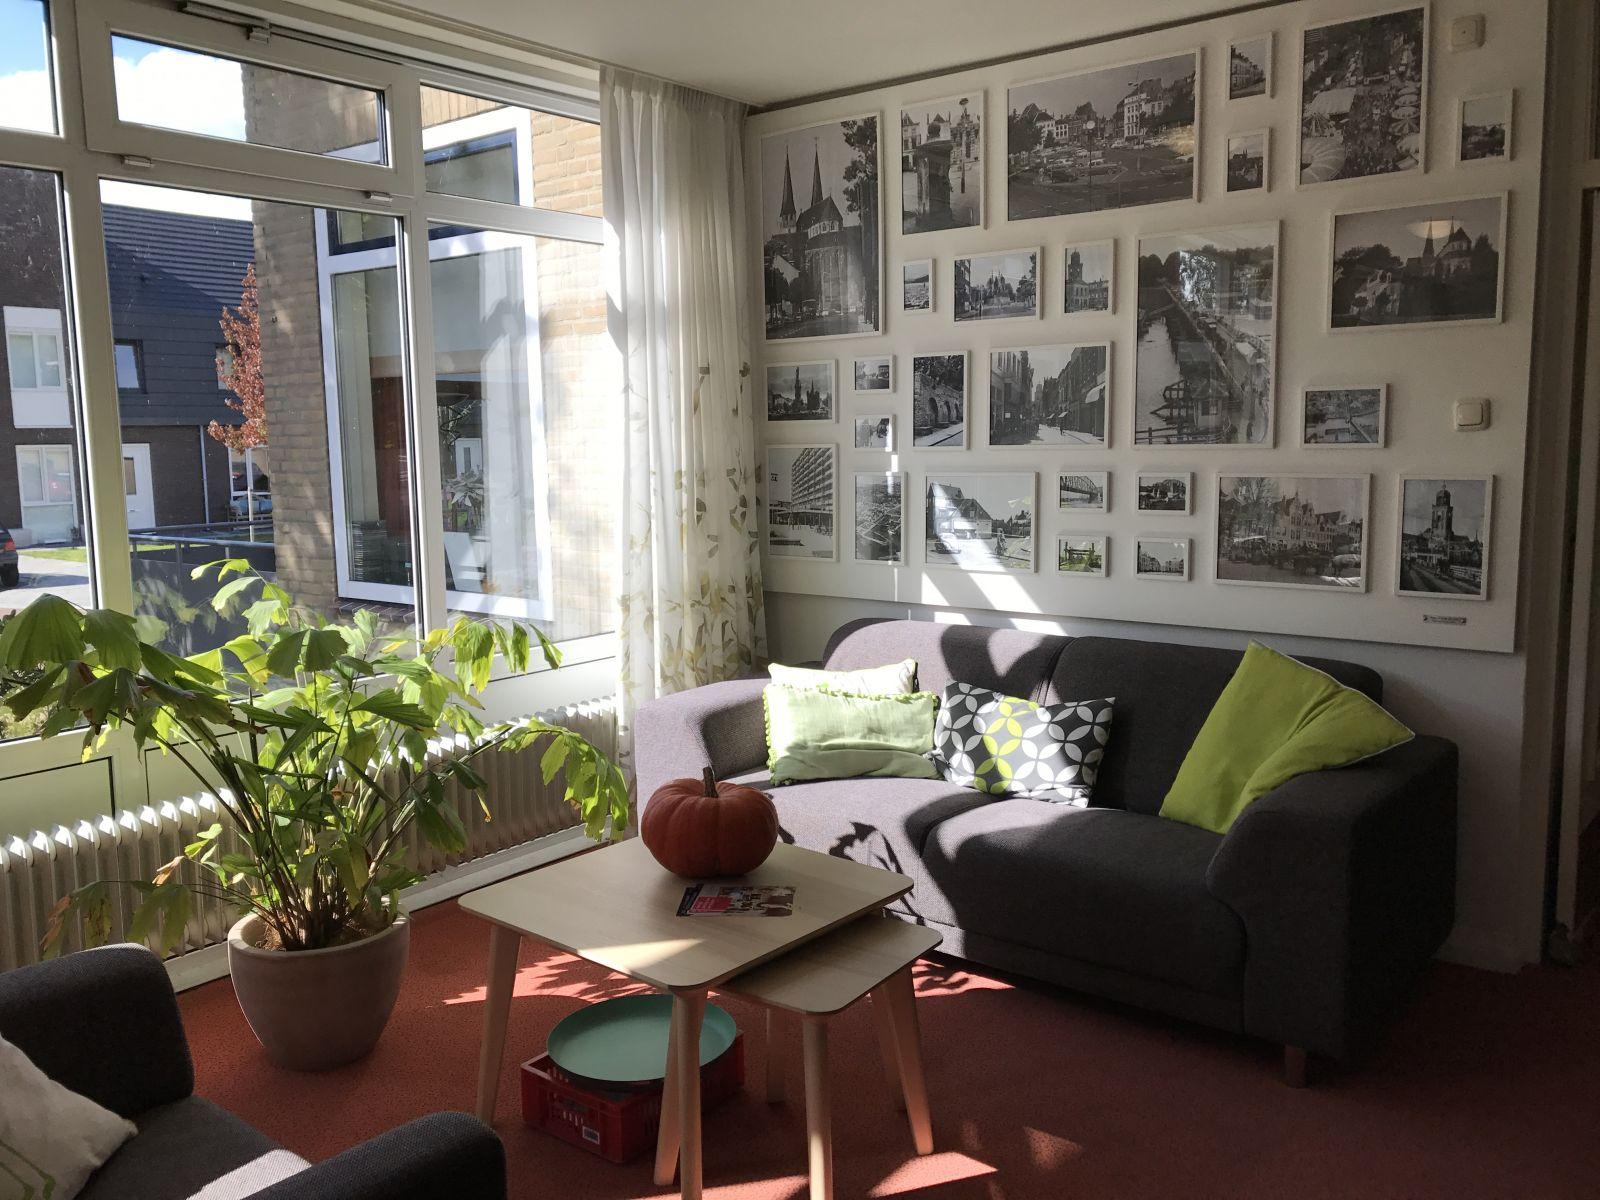 在老人公寓中,有不同世代的人相伴,老人多了幸福與歡笑,那是通往幸福的捷徑。